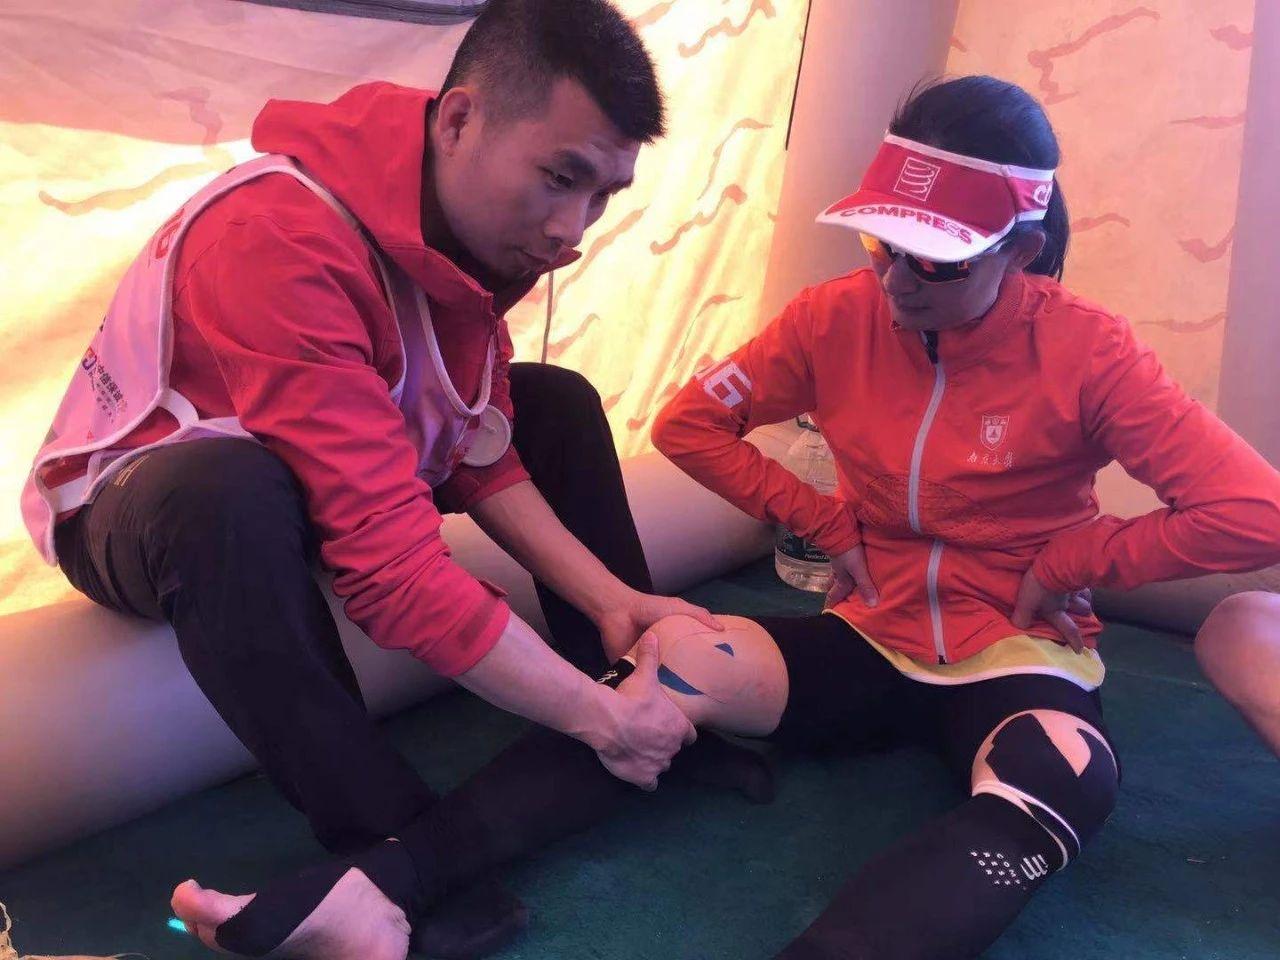 图5.资深理疗师杨作辉在实施运动损伤医疗援助